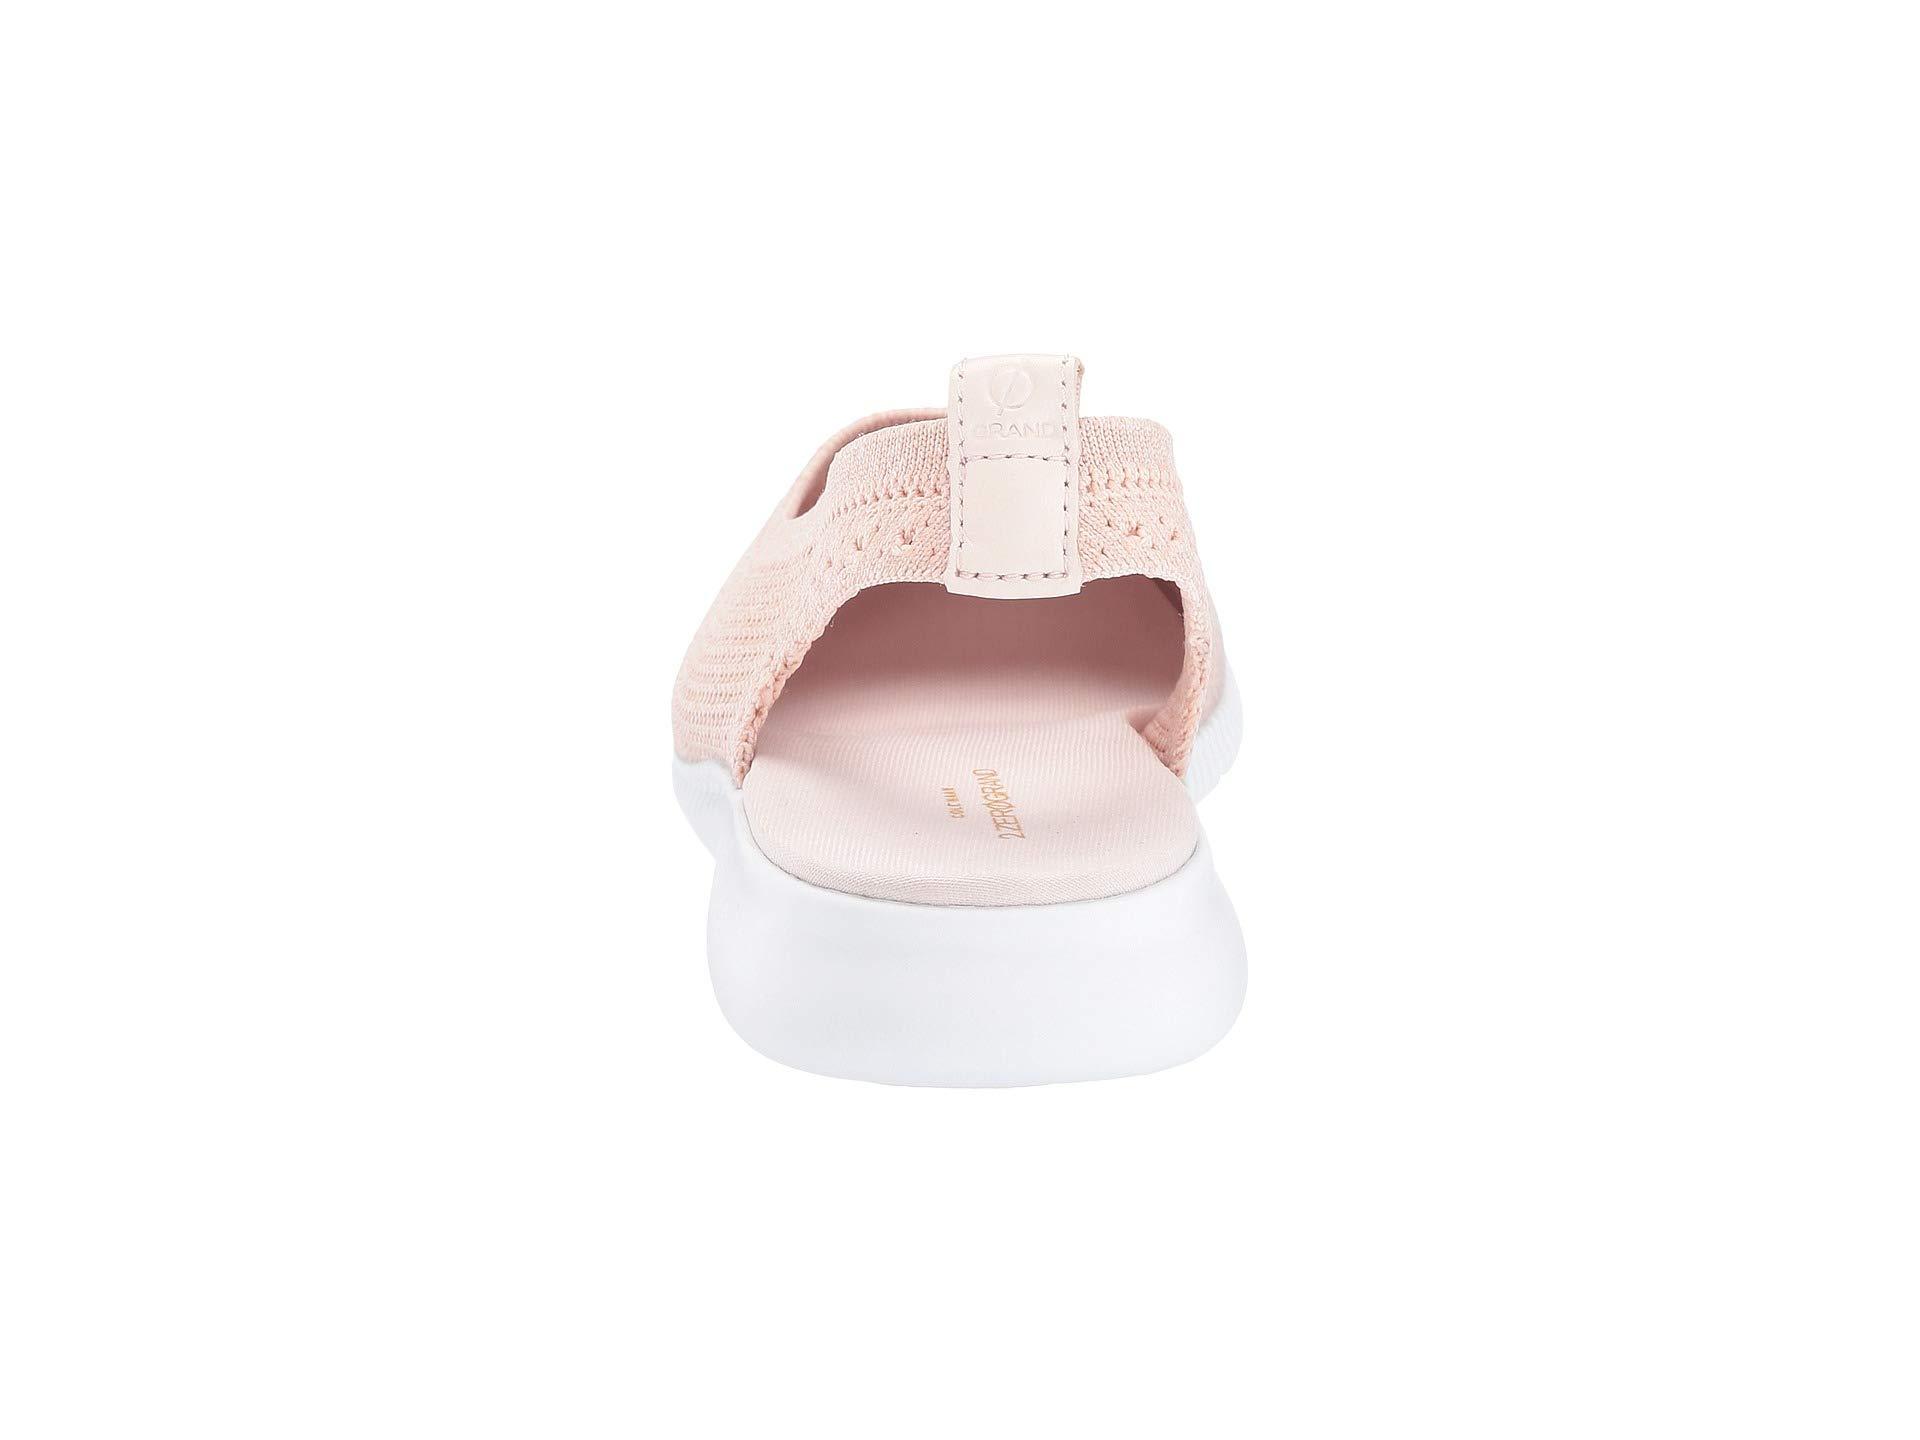 cole haan 2.zerogrand stitchlite ballet sling